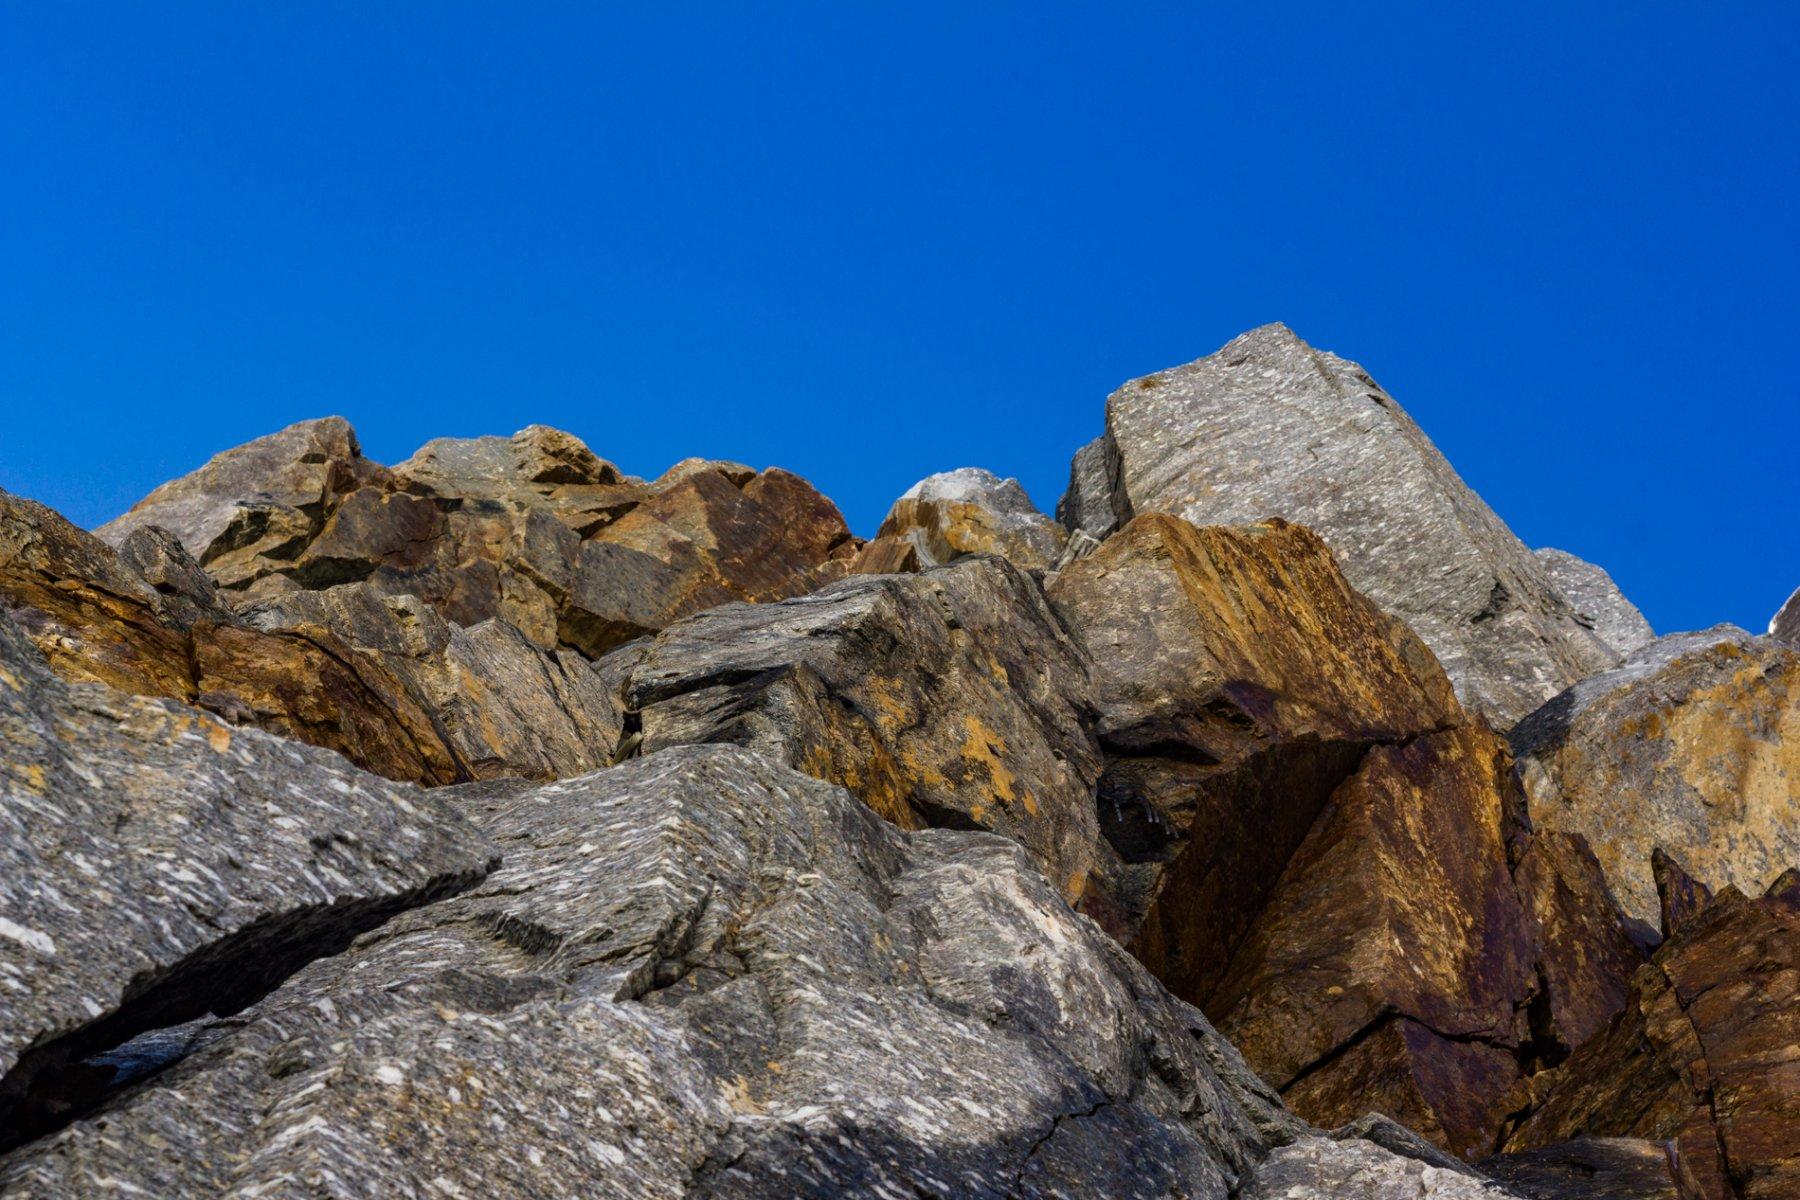 La fascia rocciosa...attenzione ai residui di verglas